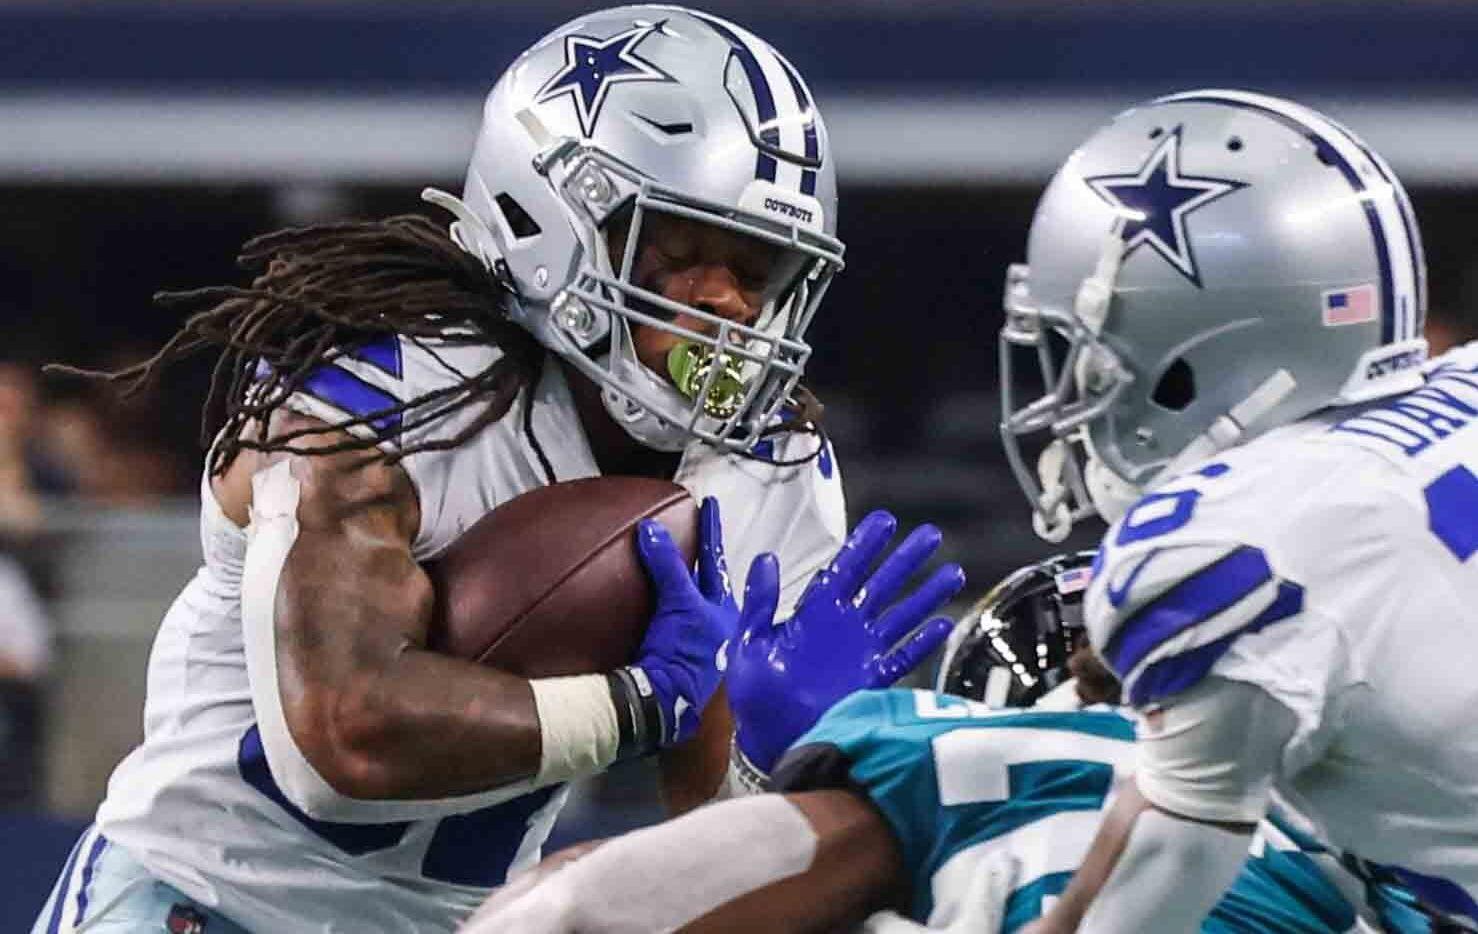 El corredor de los Cowboys de Dallas, JaQuan Hardy (der), protege el balón en un acarreo ante los Jaguars de Jacksonville en el juego de pretemporada efectuado en el AT&T Stadium de Arlington, el 29 de agosto de 2021.